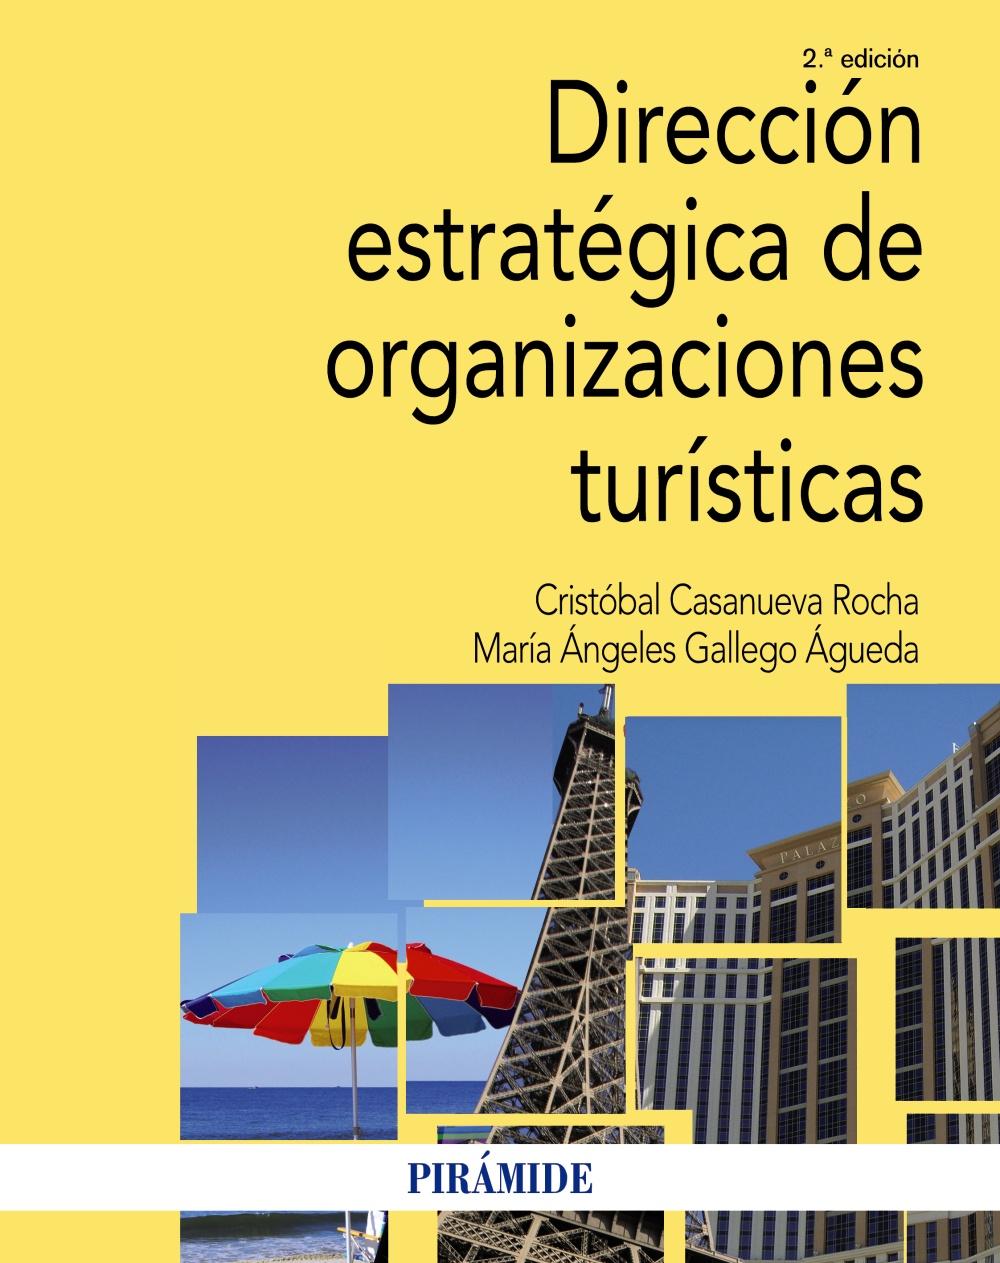 Dirección estratégica de organizaciones turísticas